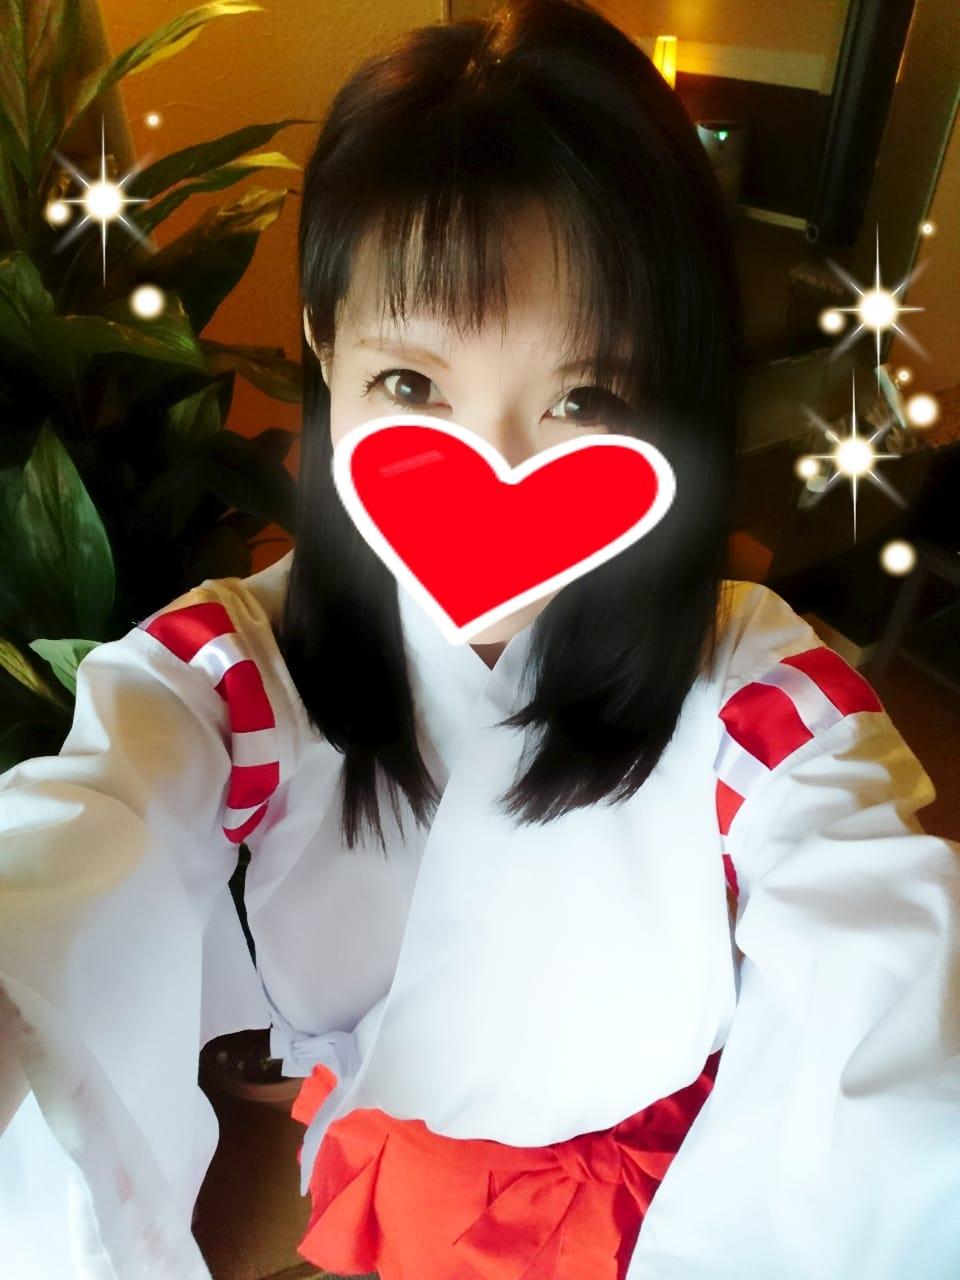 しき「おはようございます(^-^)/」12/13(水) 09:48 | しきの写メ・風俗動画